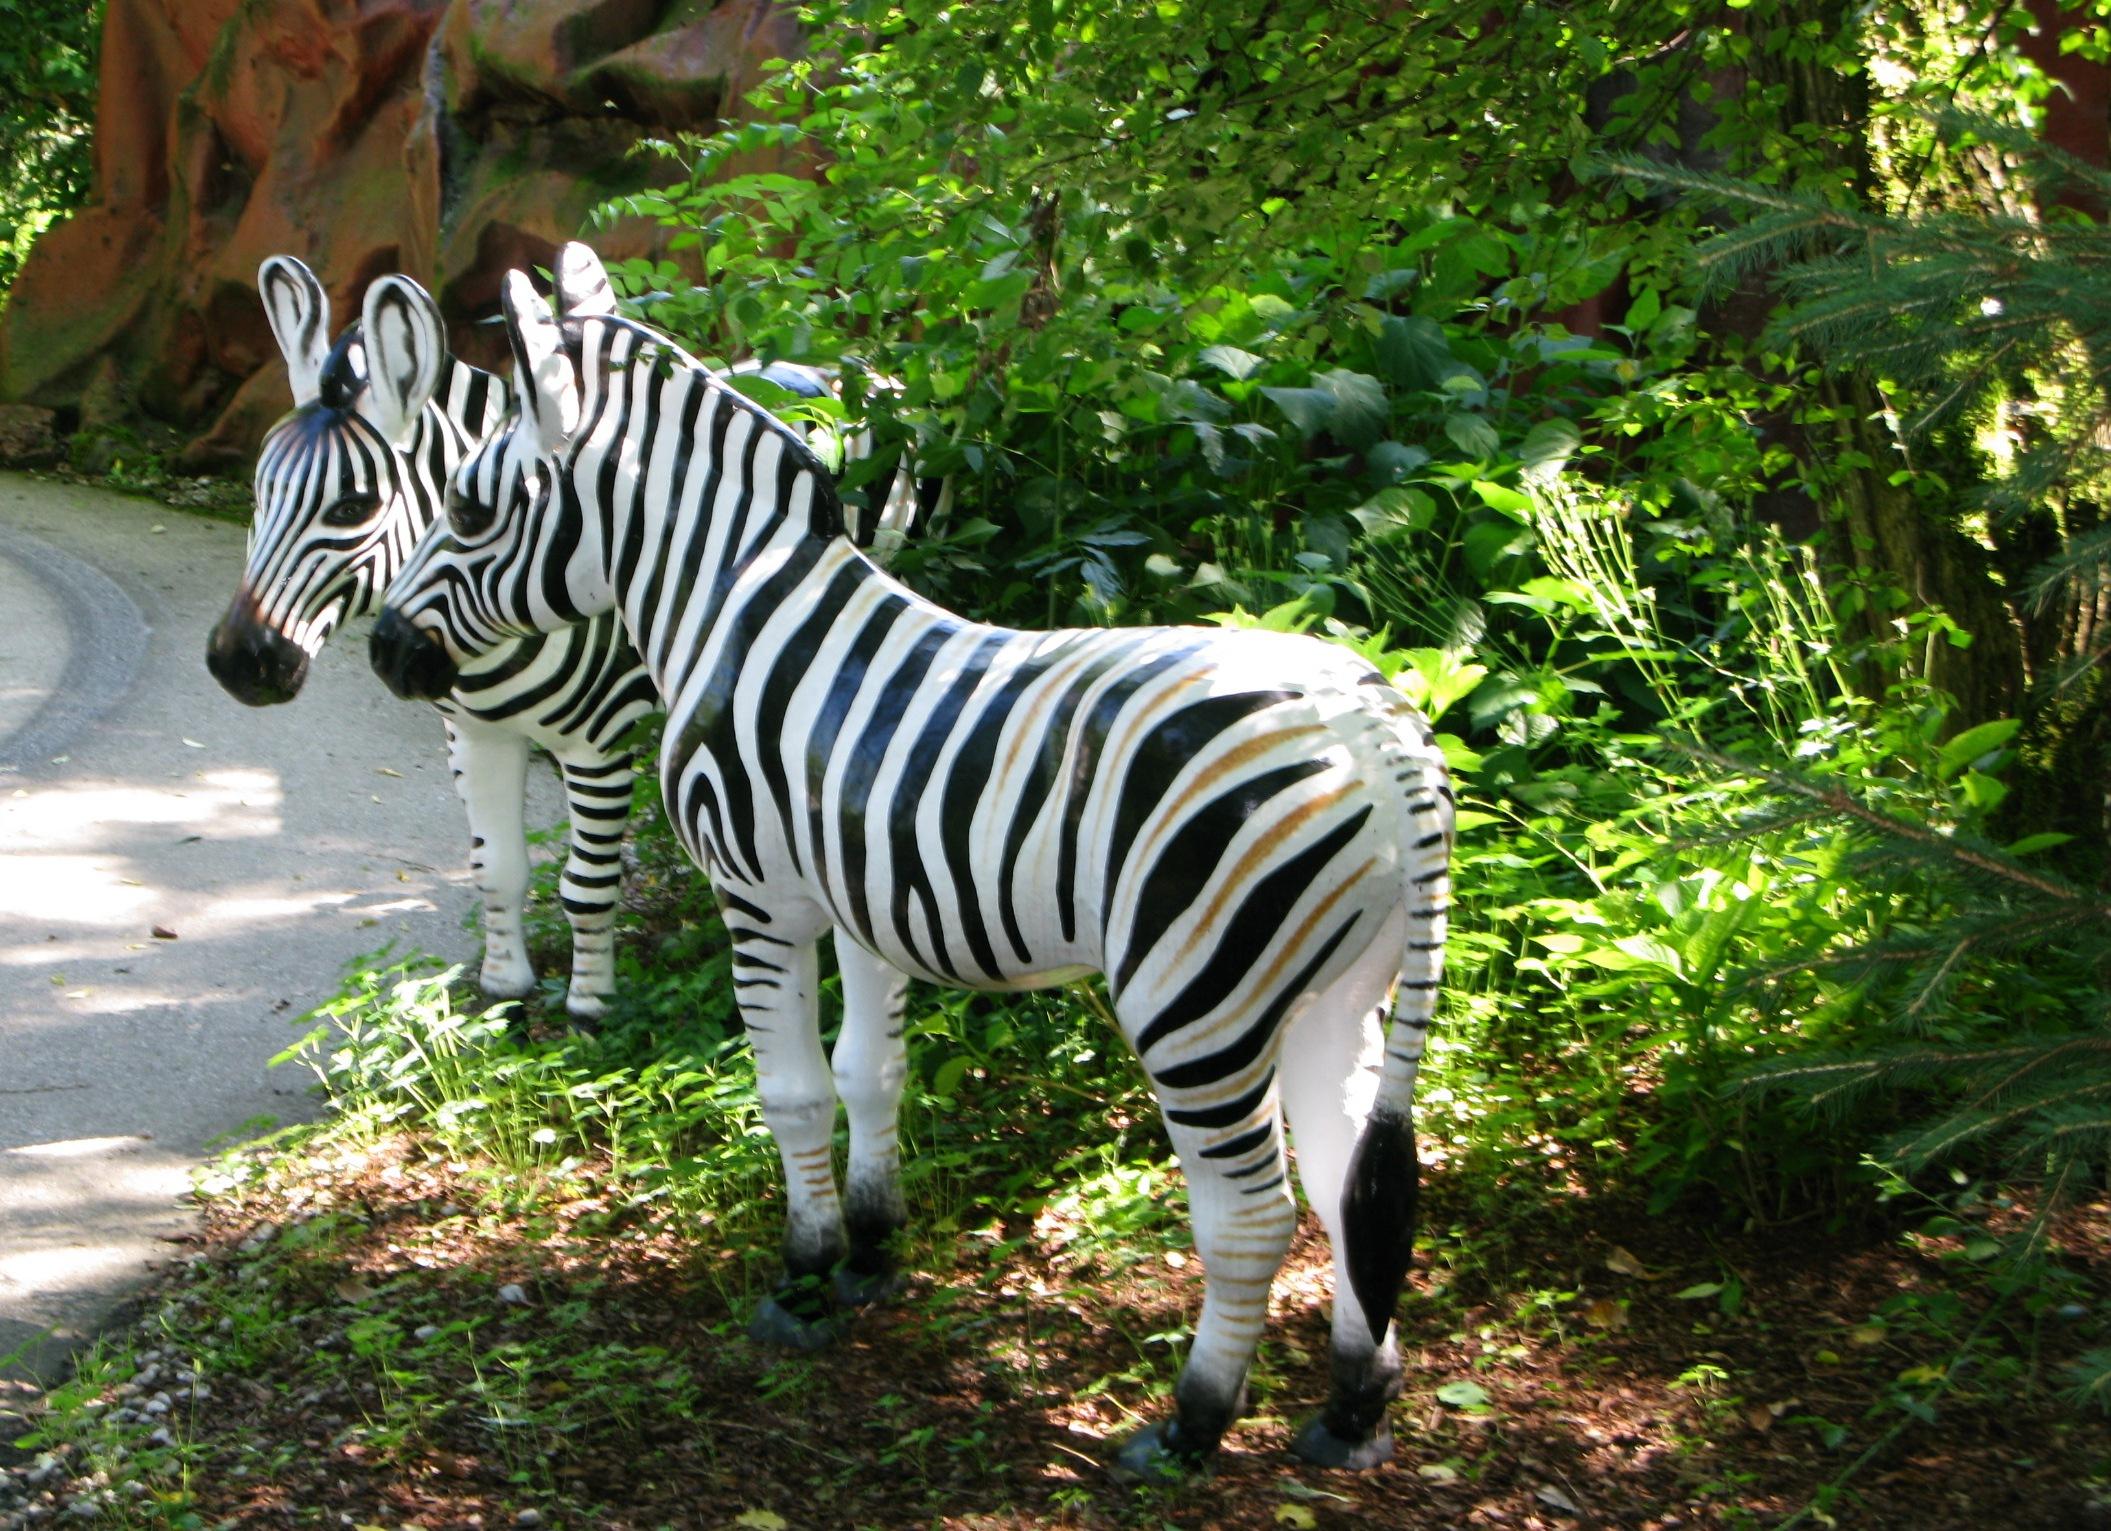 https://0501.nccdn.net/4_2/000/000/038/2d3/Zebras-2111x1531.jpg